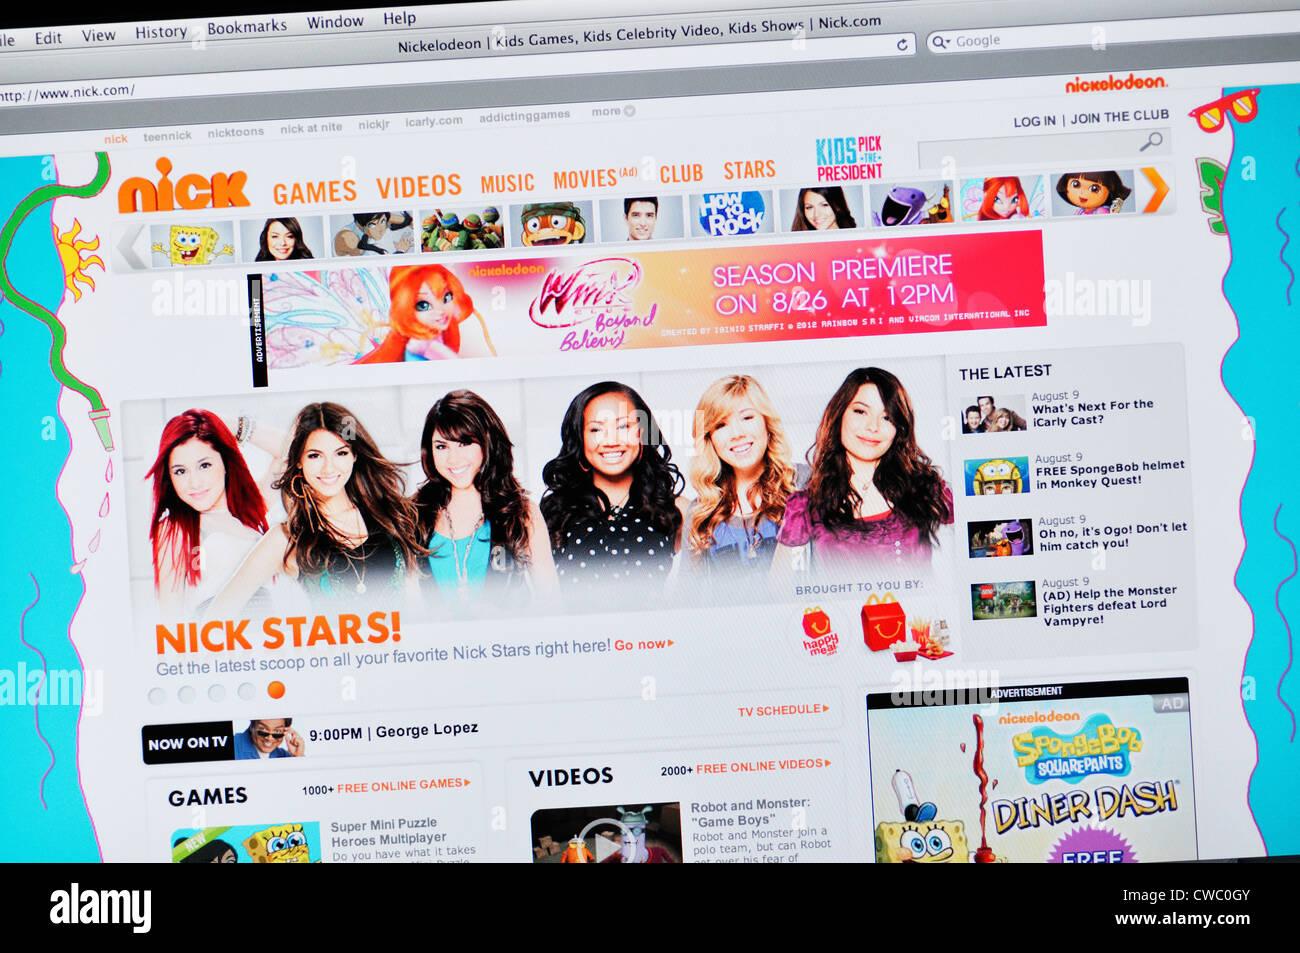 Nickelodeon Website Related Keywords Nickelodeon Website